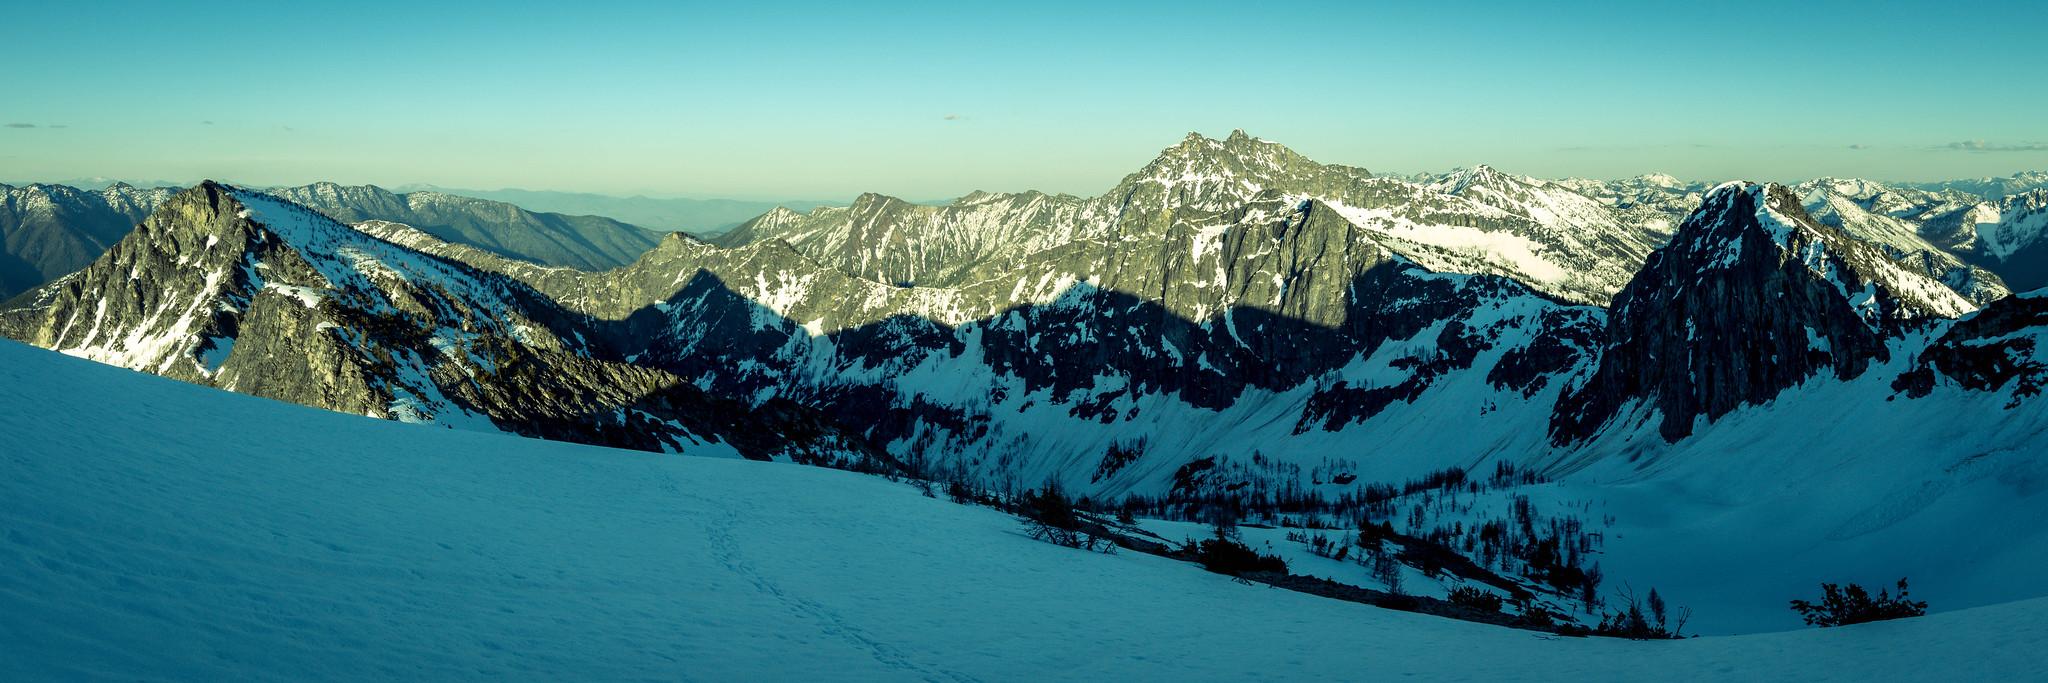 Panoramic view in basin